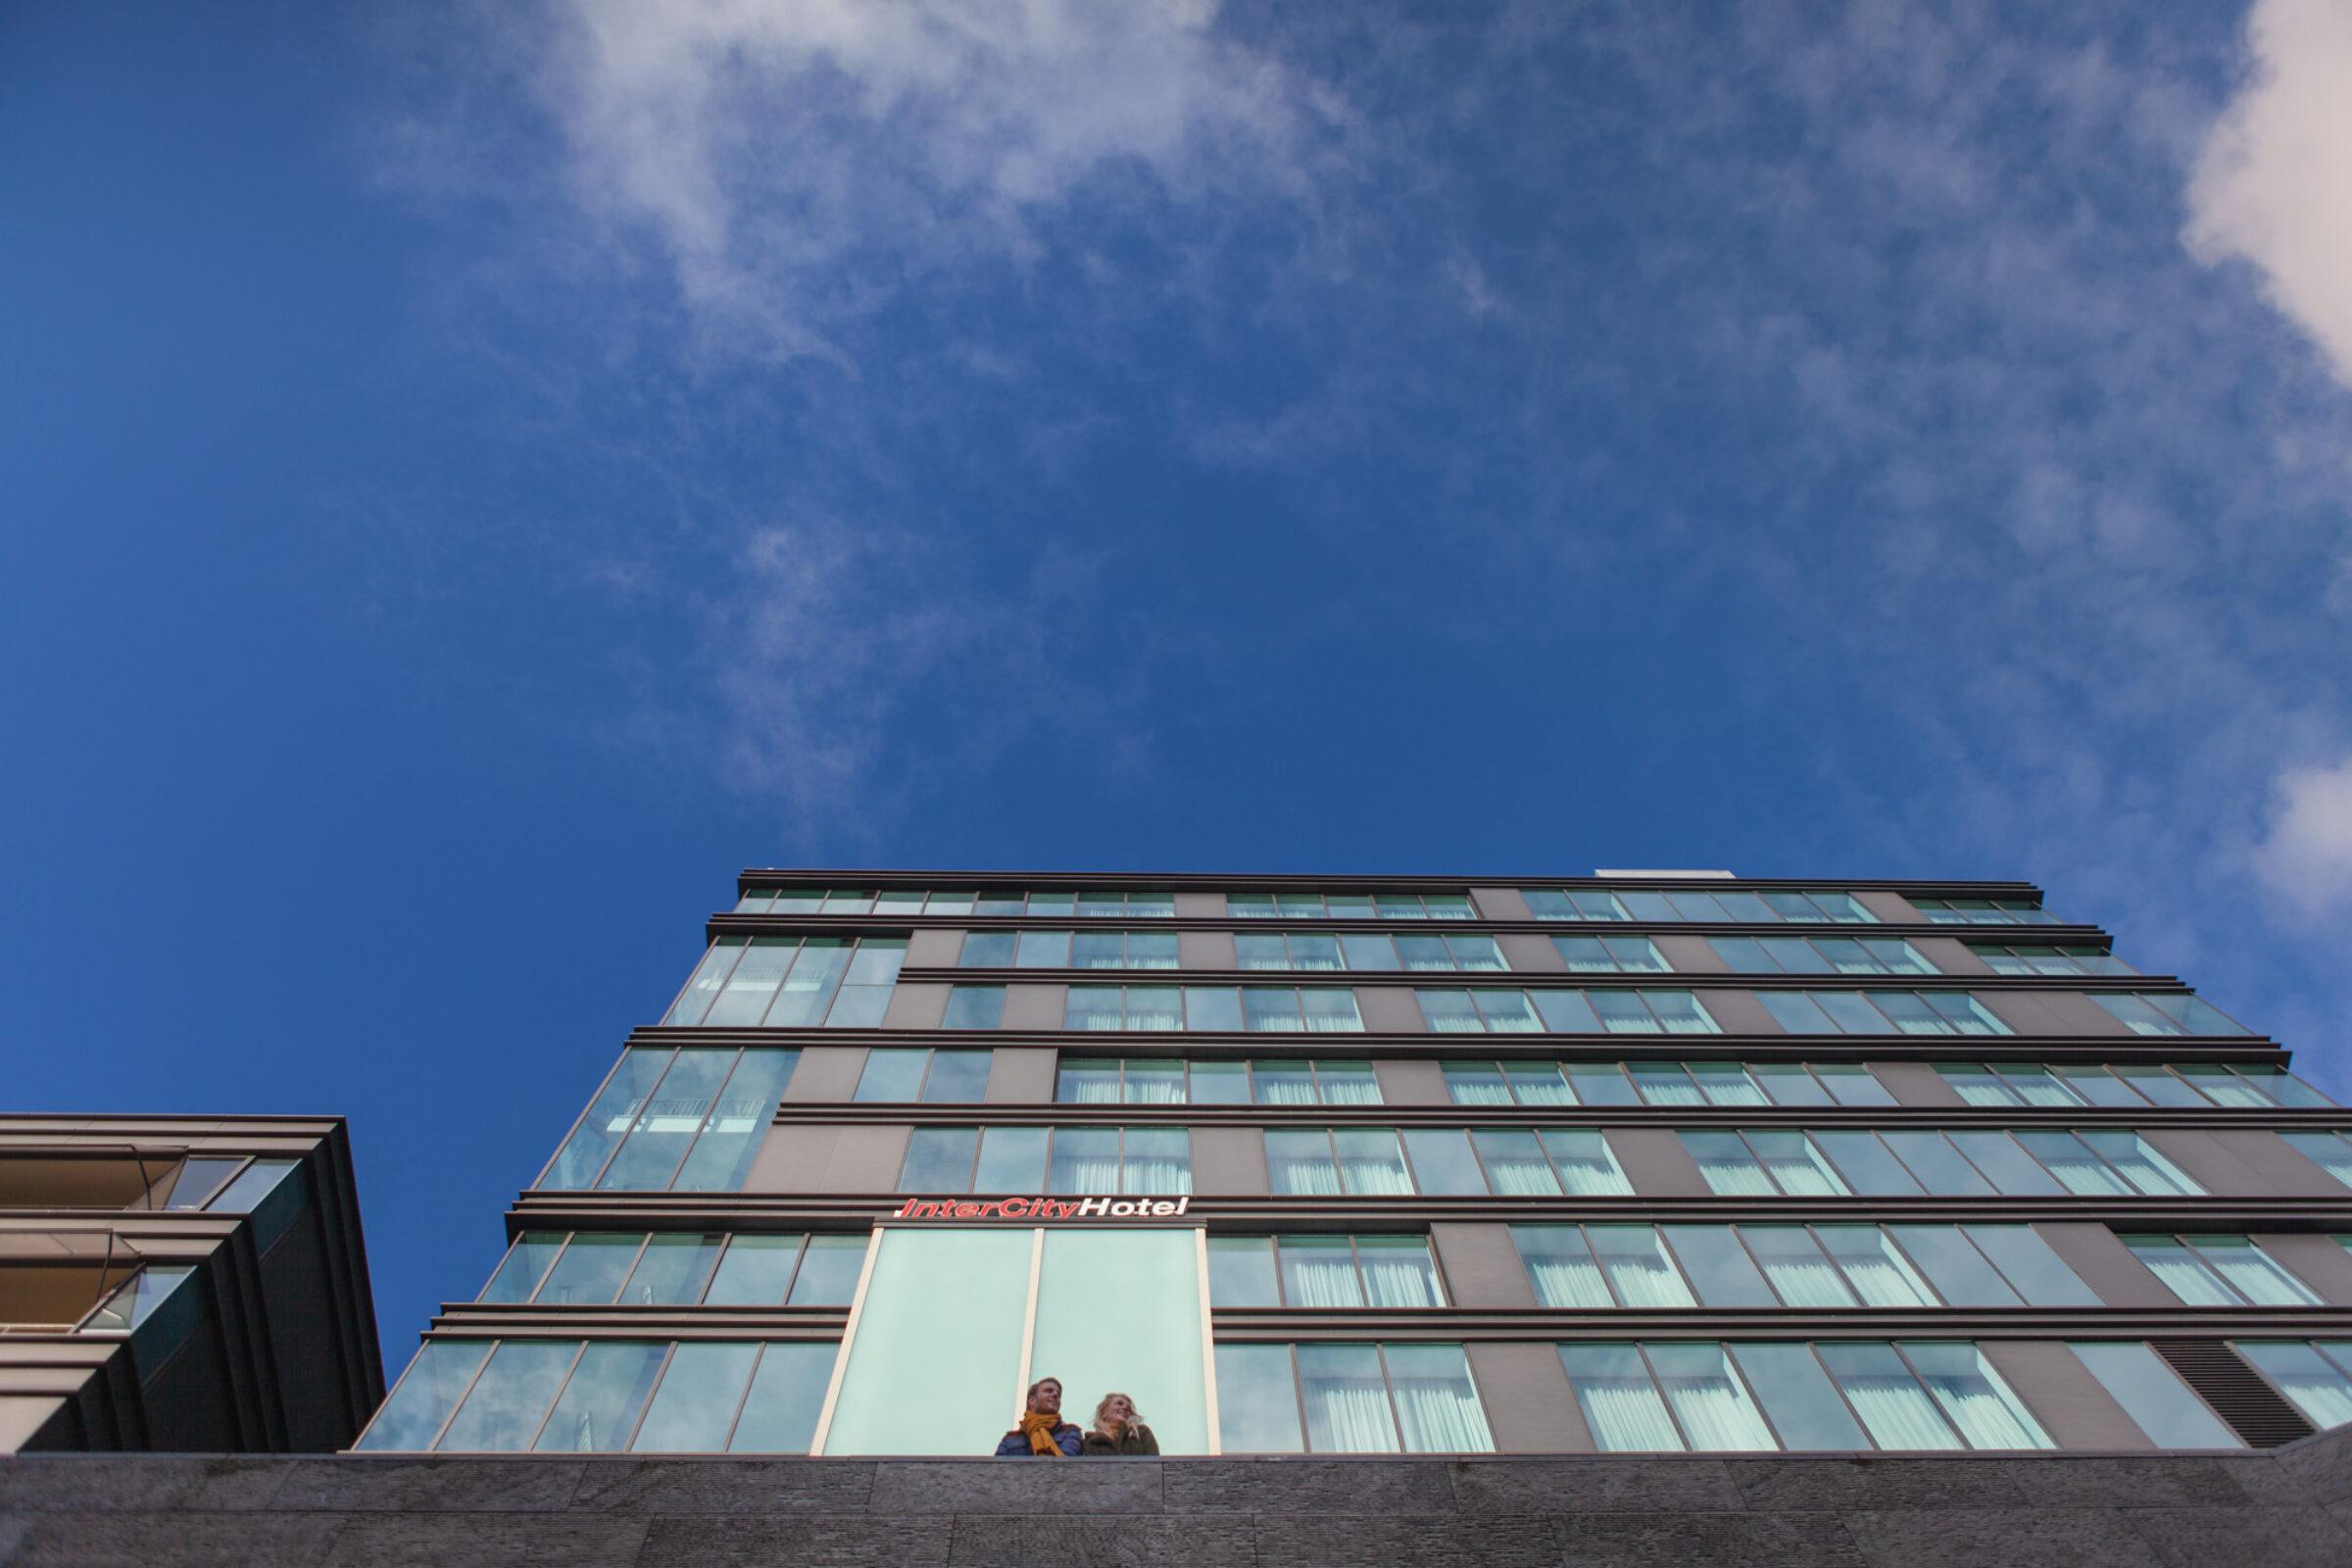 Intercity Hotel übernachten